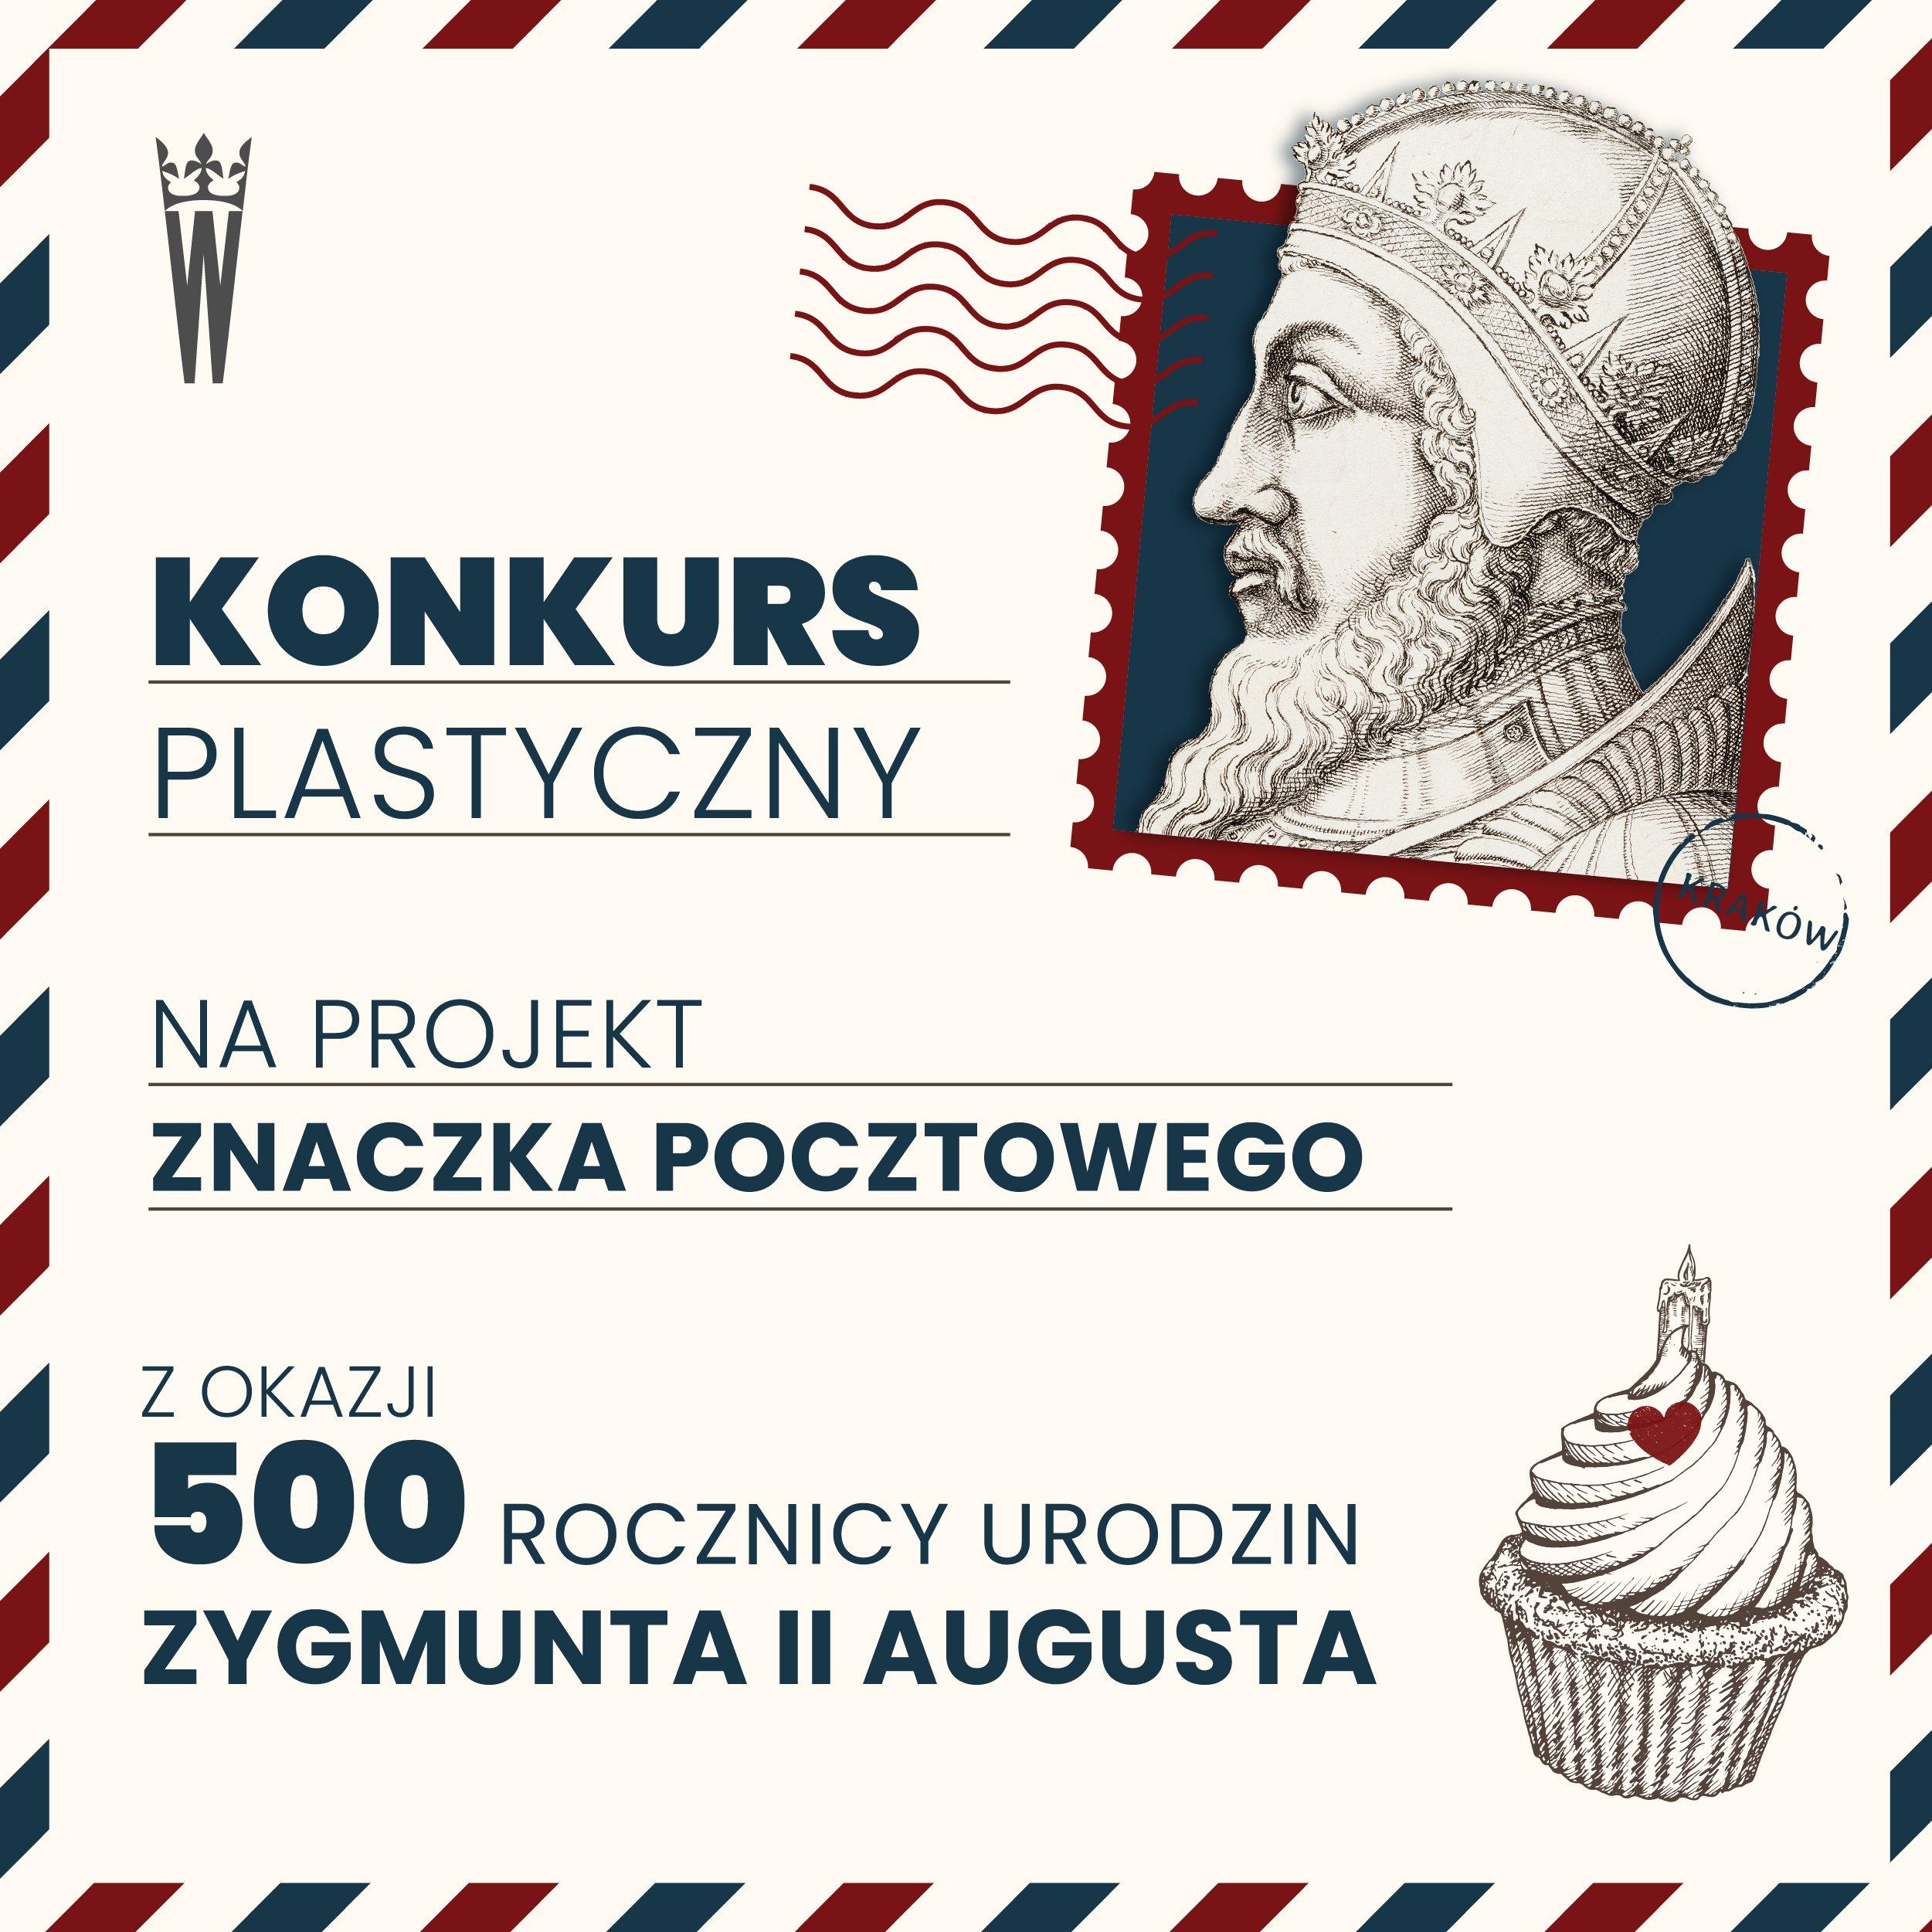 konkurs plastyczny na projekt znaczka pocztowego z okazji 500 rocznicy urodzin Zygmunta II Augusta